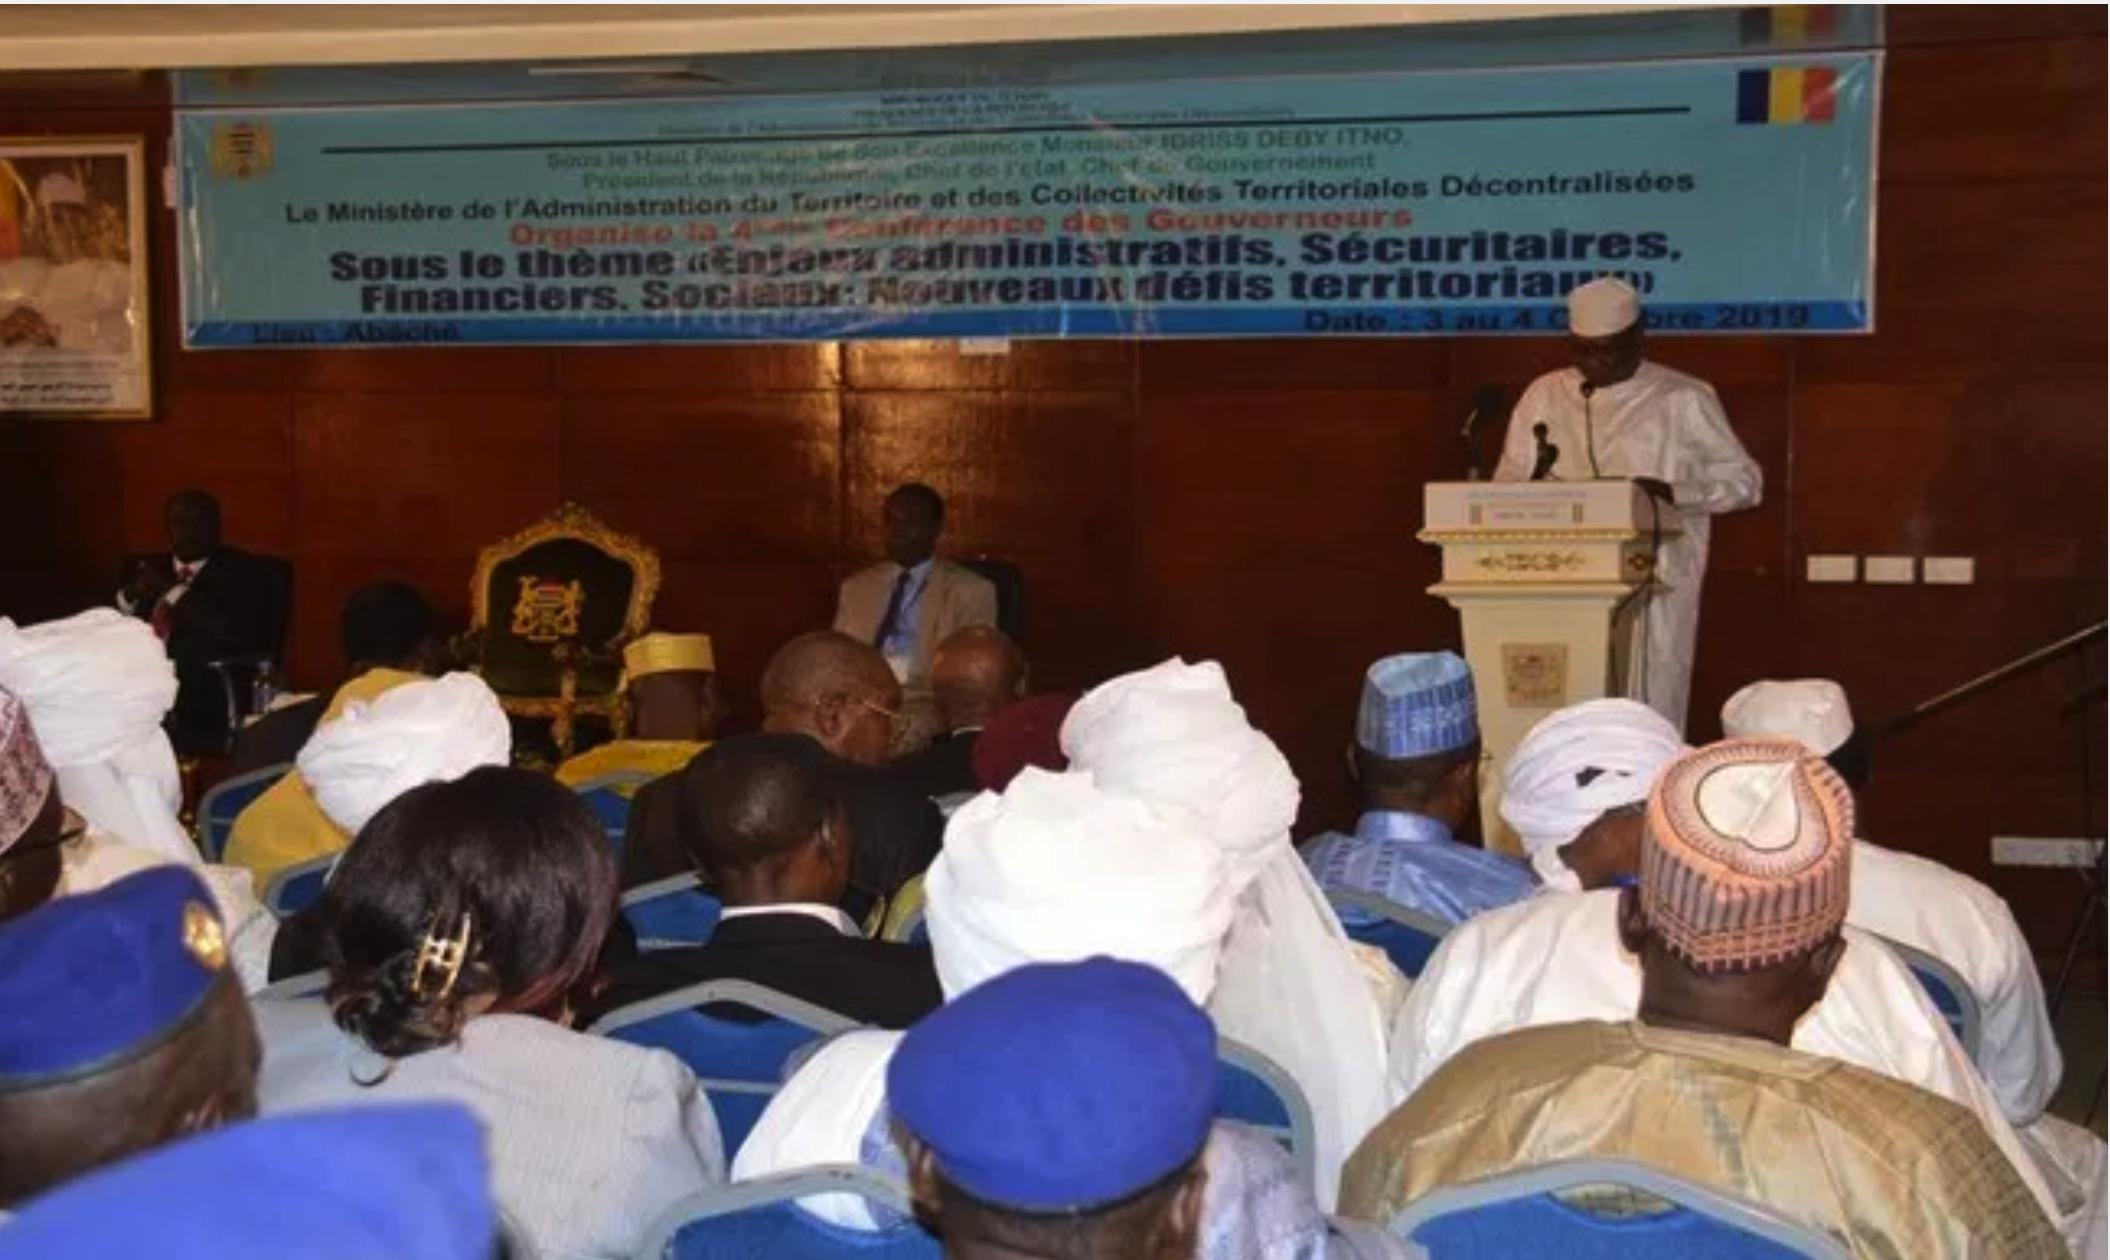 Calendrier Electoral 2019.Tchad Ceni Idriss Deby Rejette A Nouveau Le Calendrier